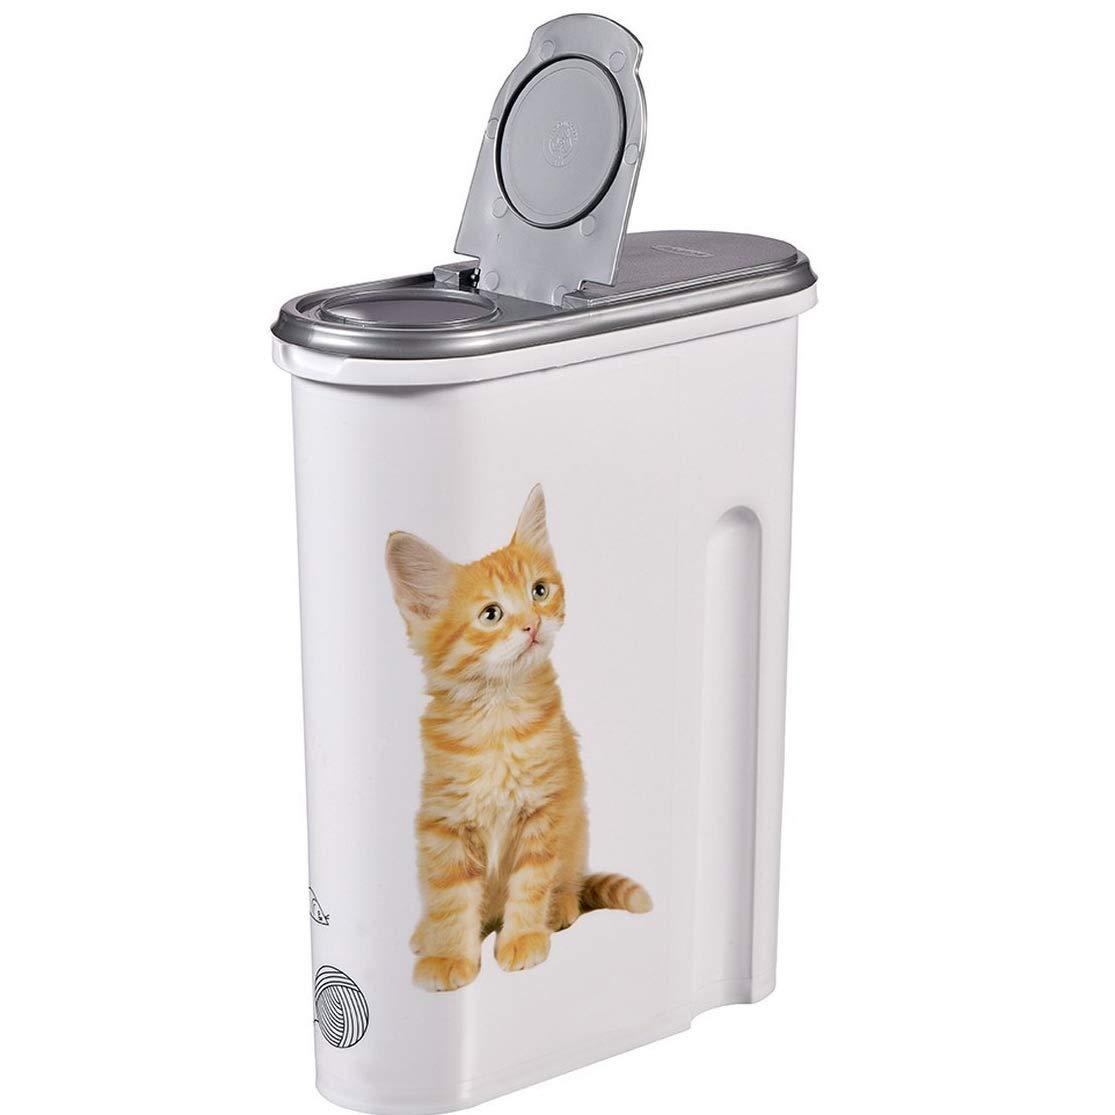 Générique Boite à Croquettes Chat - 4, 5 litres - Boite Conteneur Nourriture - Design Chat